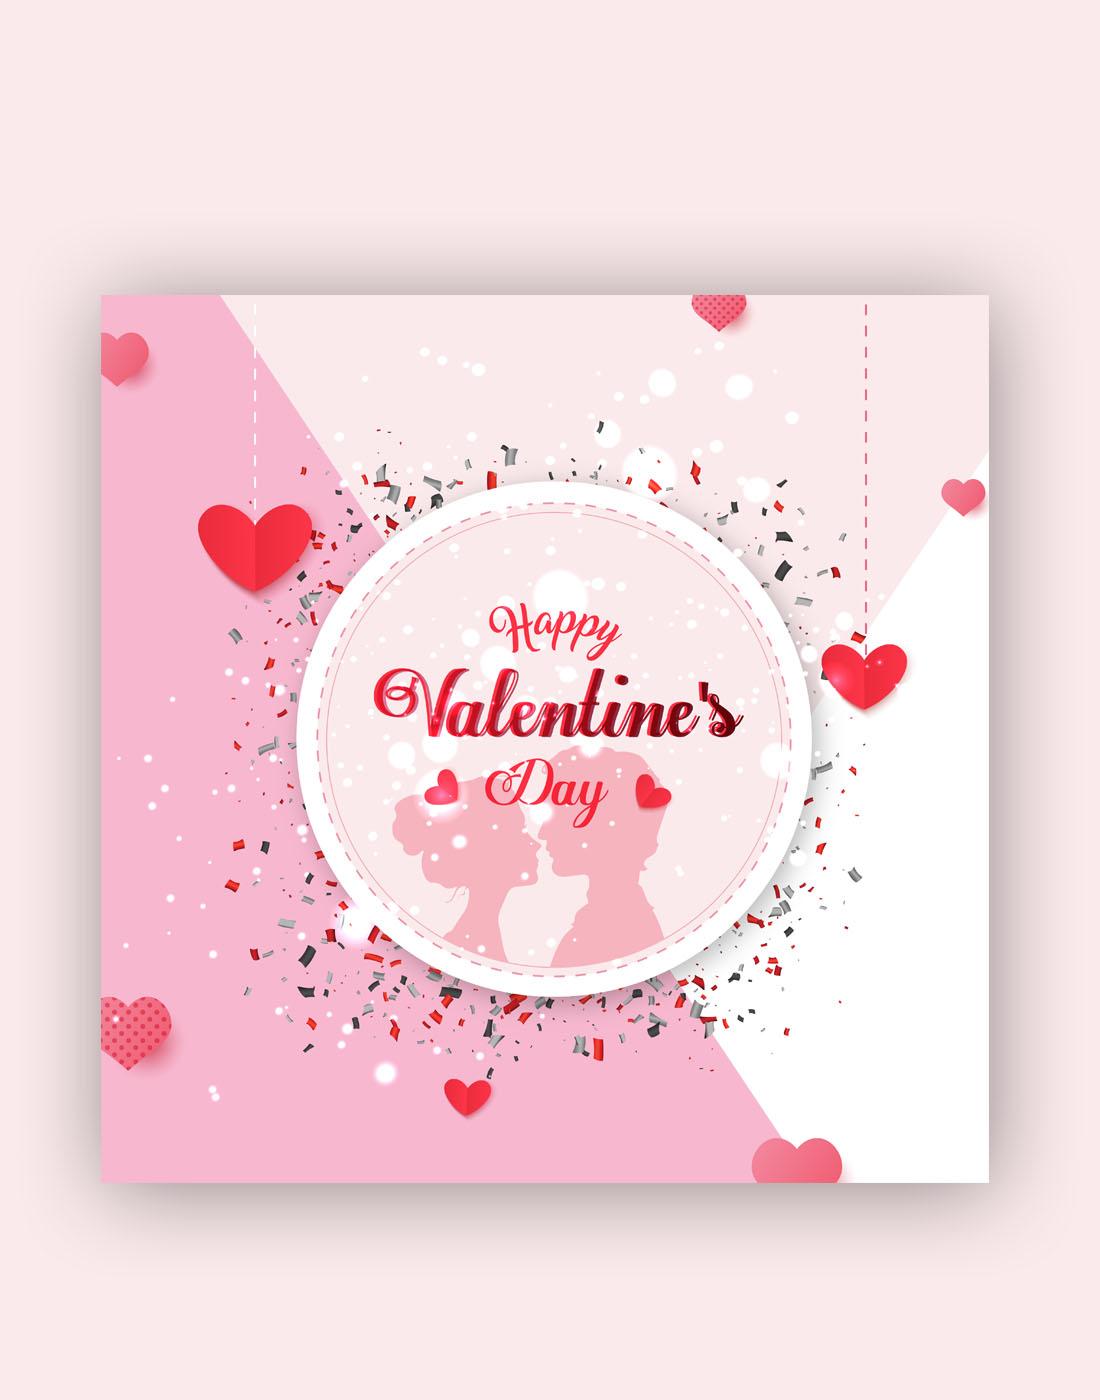 happy_valentine